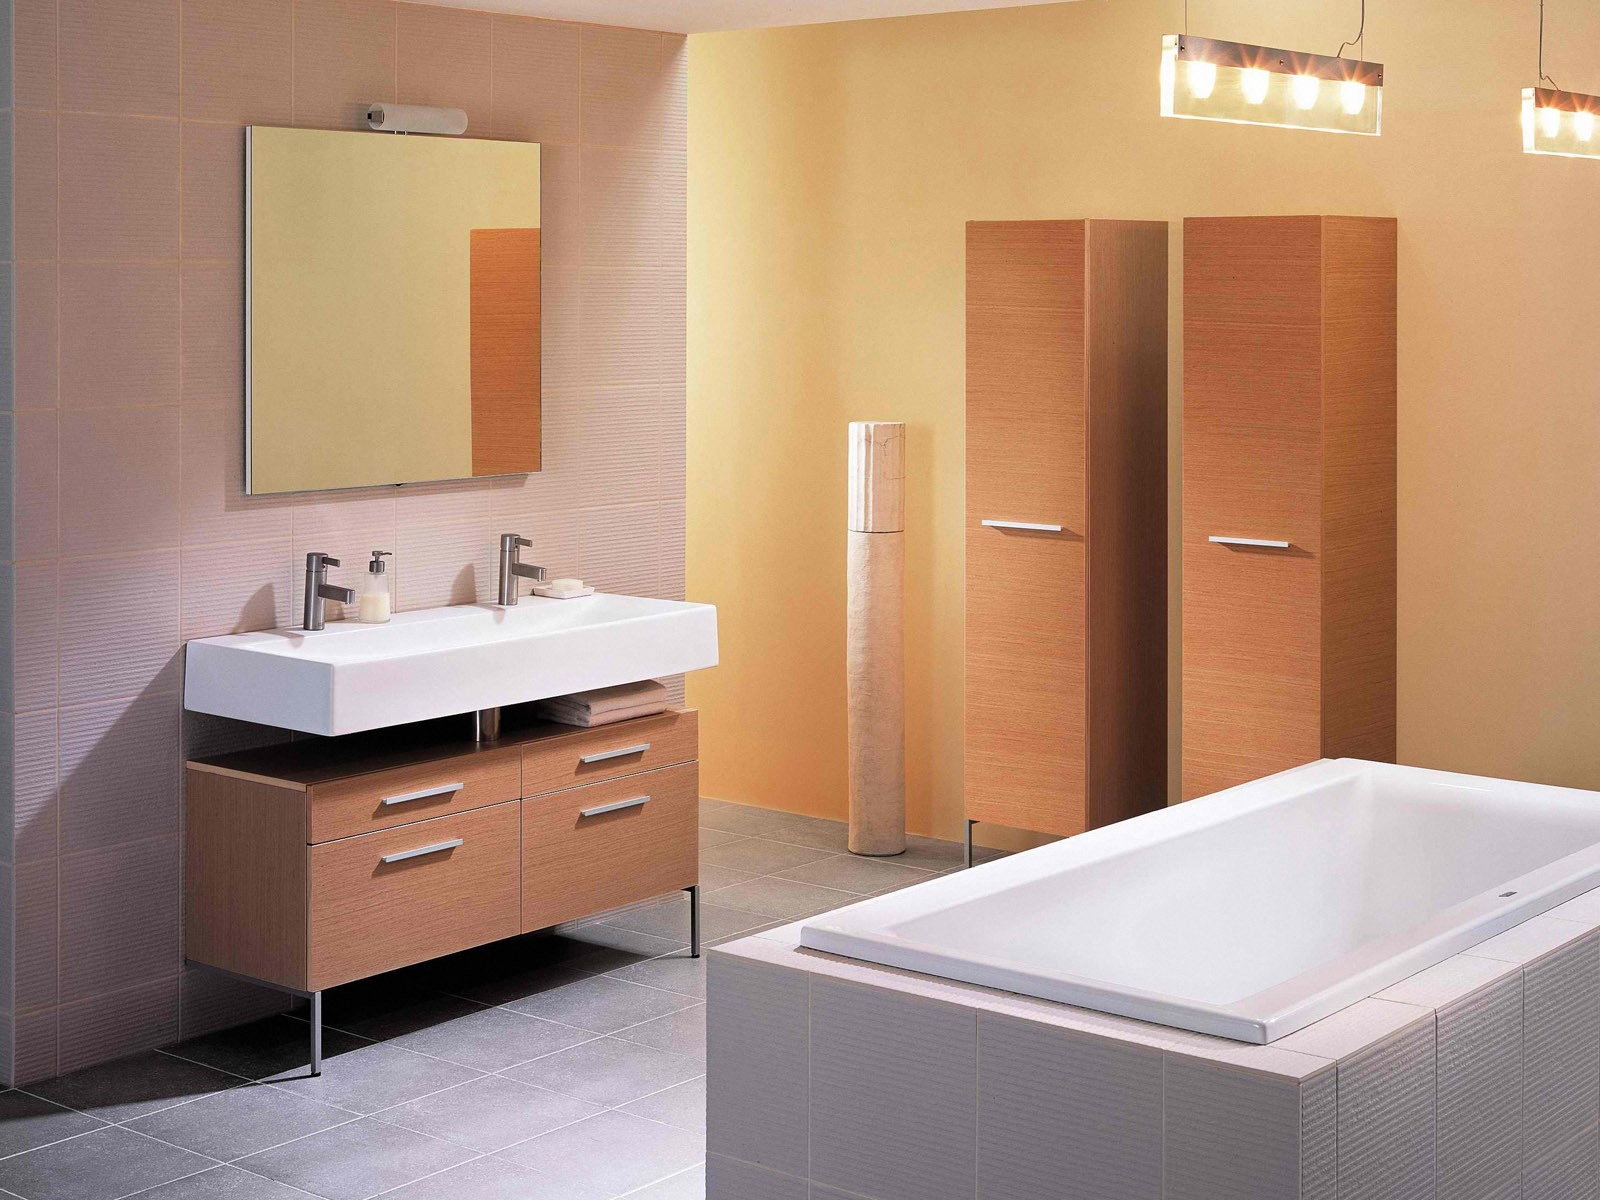 fond d 39 cran photo salle de bain 1 14 1600x1200 fond d 39 cran t l charger fond d 39 cran. Black Bedroom Furniture Sets. Home Design Ideas